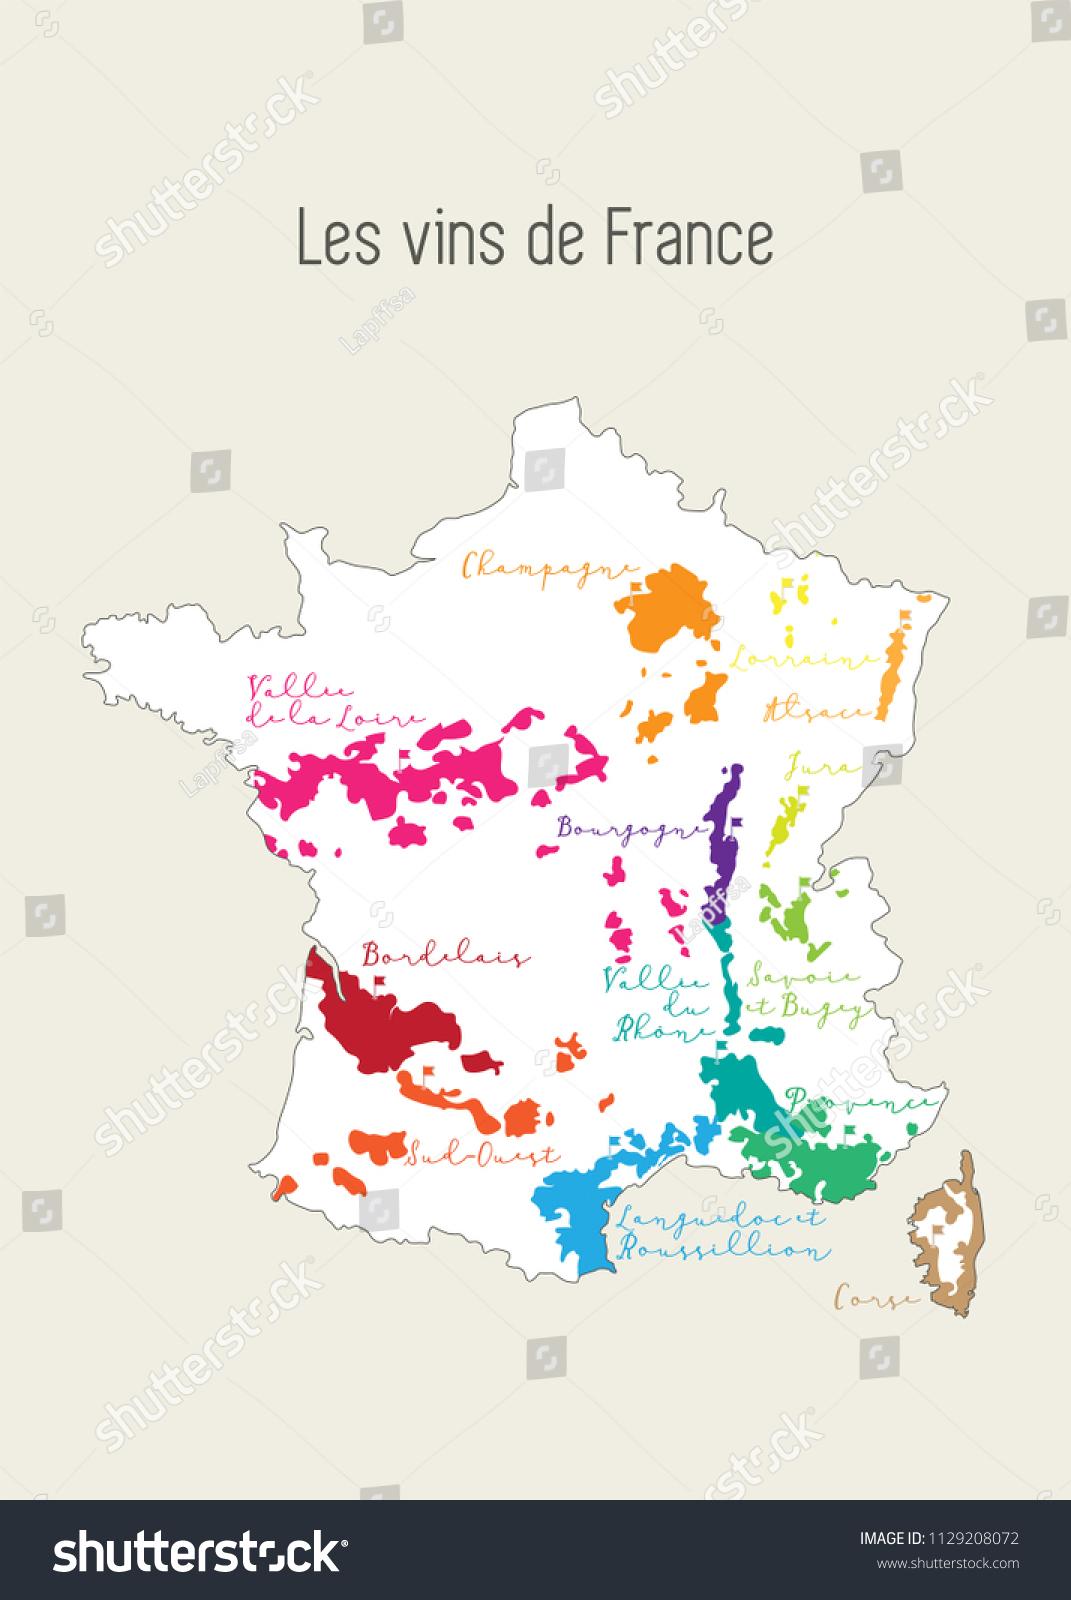 Image Vectorielle De Stock De Carte De La Région Viticole avec La Carte De France Et Ses Régions